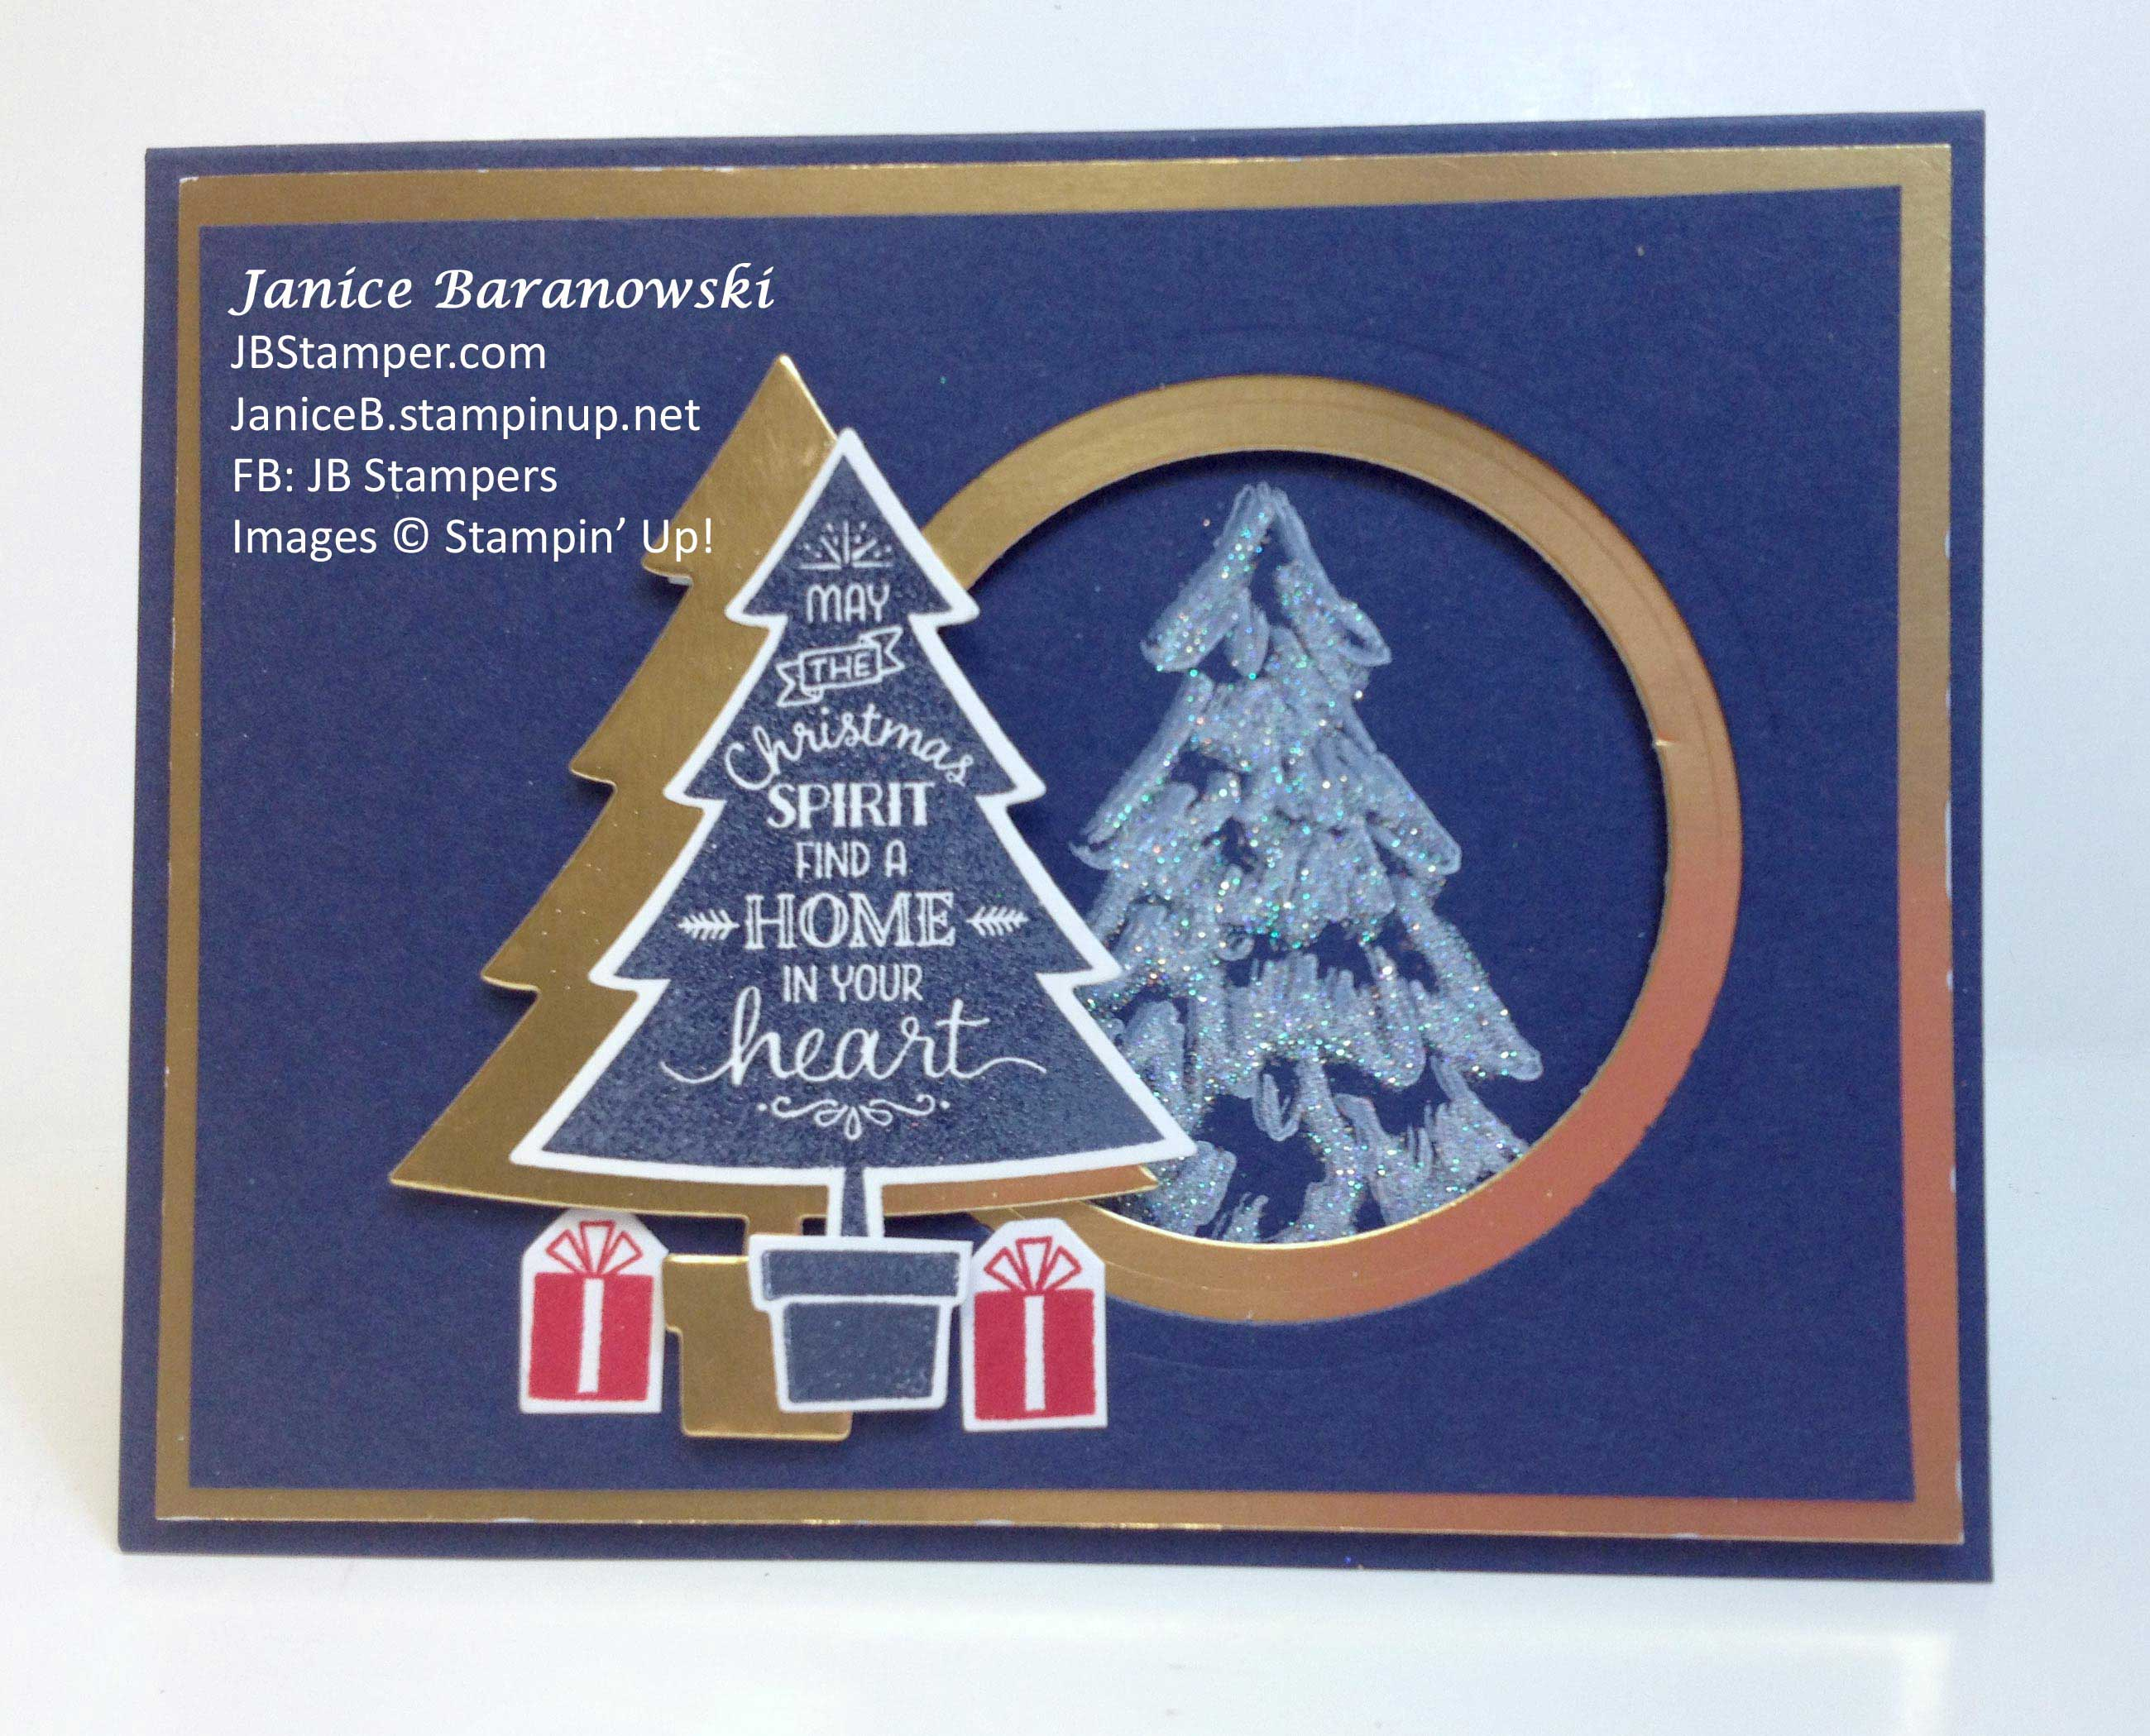 Christmas-at-home-sm-JBStamper